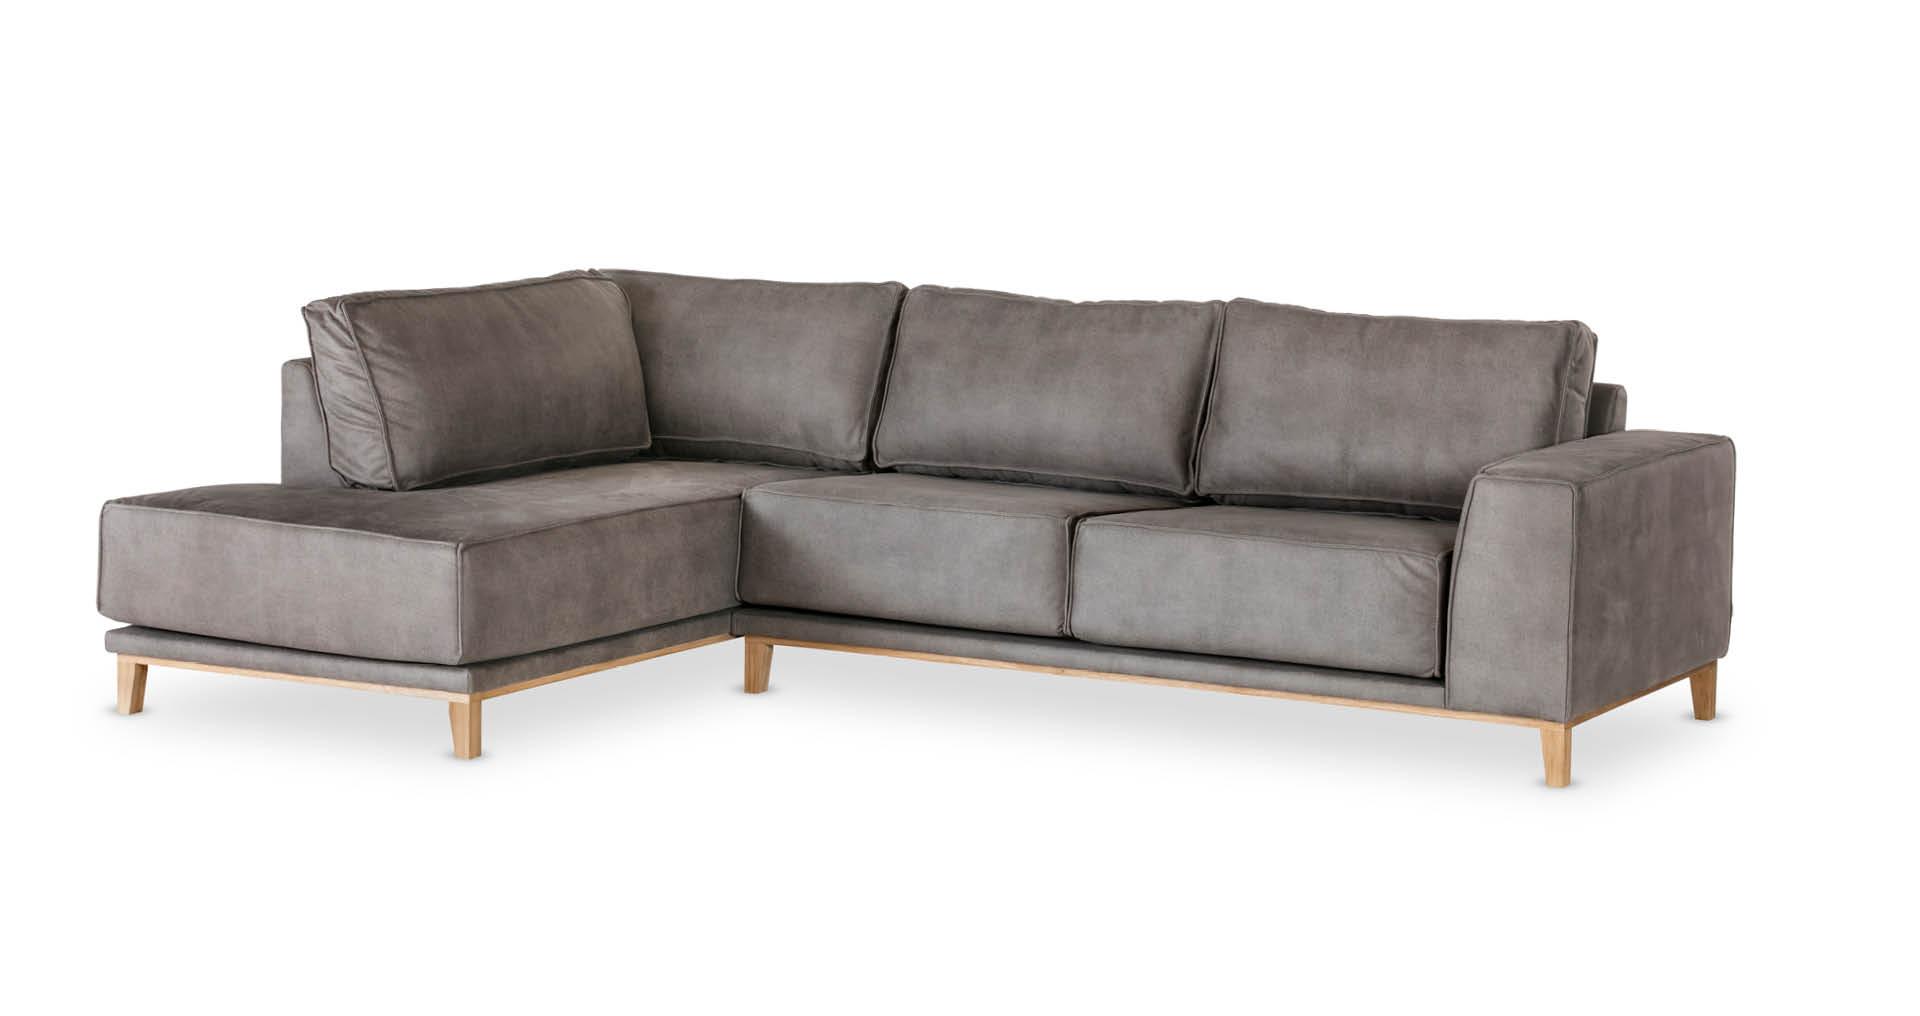 """ספה פינתית ויקלייט צד שמאל 300 ס""""מ בגוון אפור מעושן"""